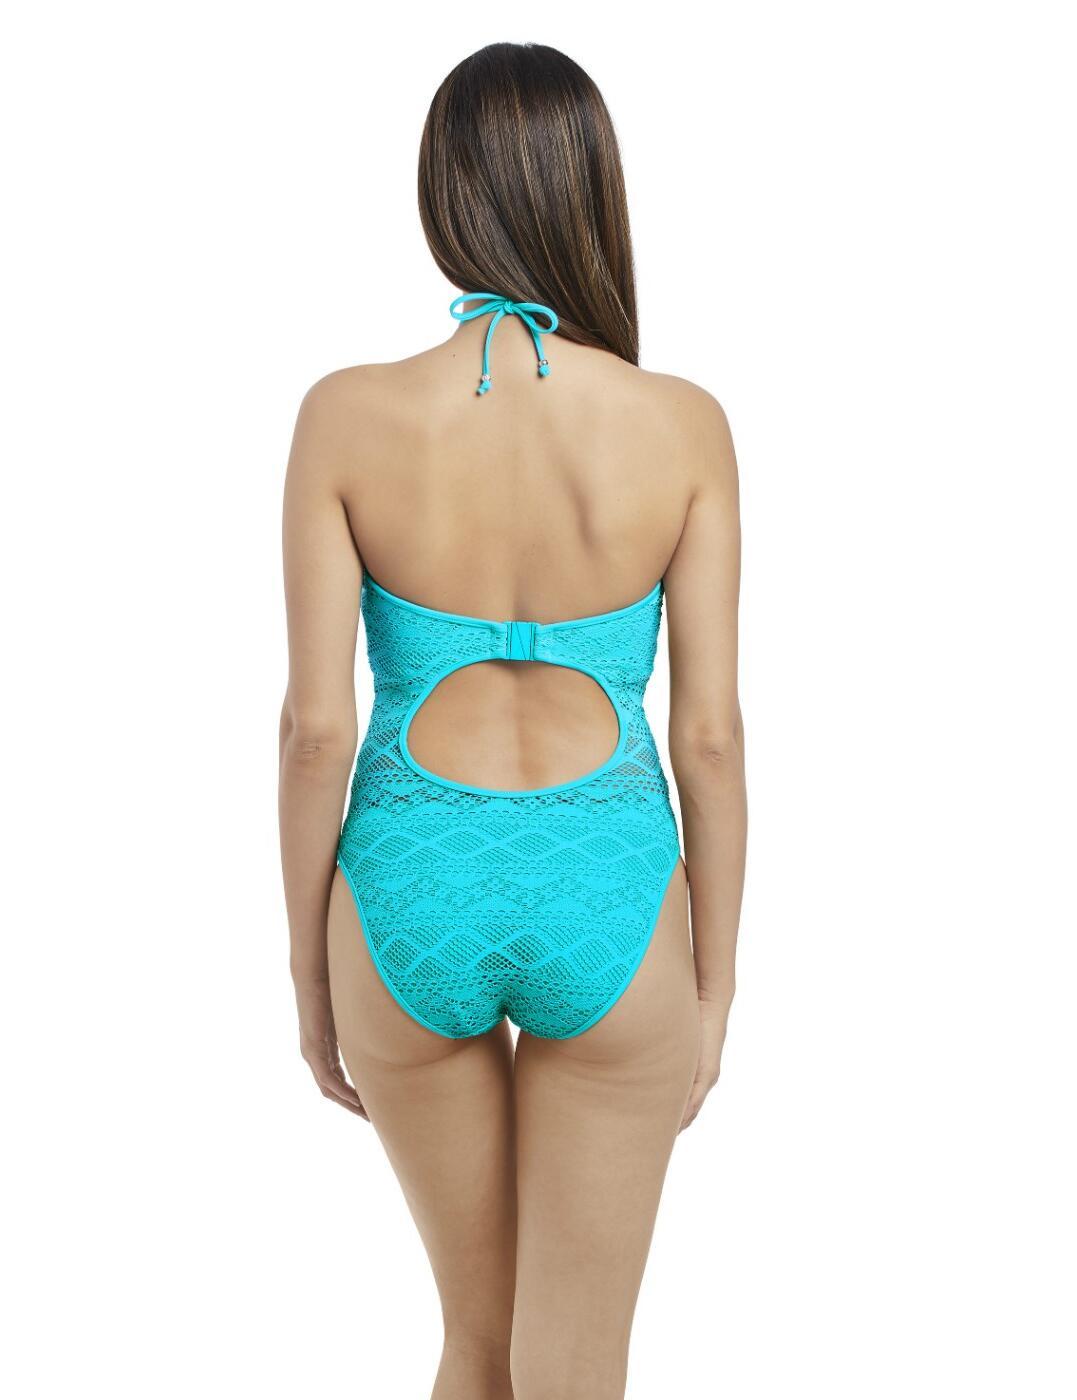 da7e2f763efb2 Freya Sundance Underwired High Neck Cutout Swimsuit 3974 Swimming ...